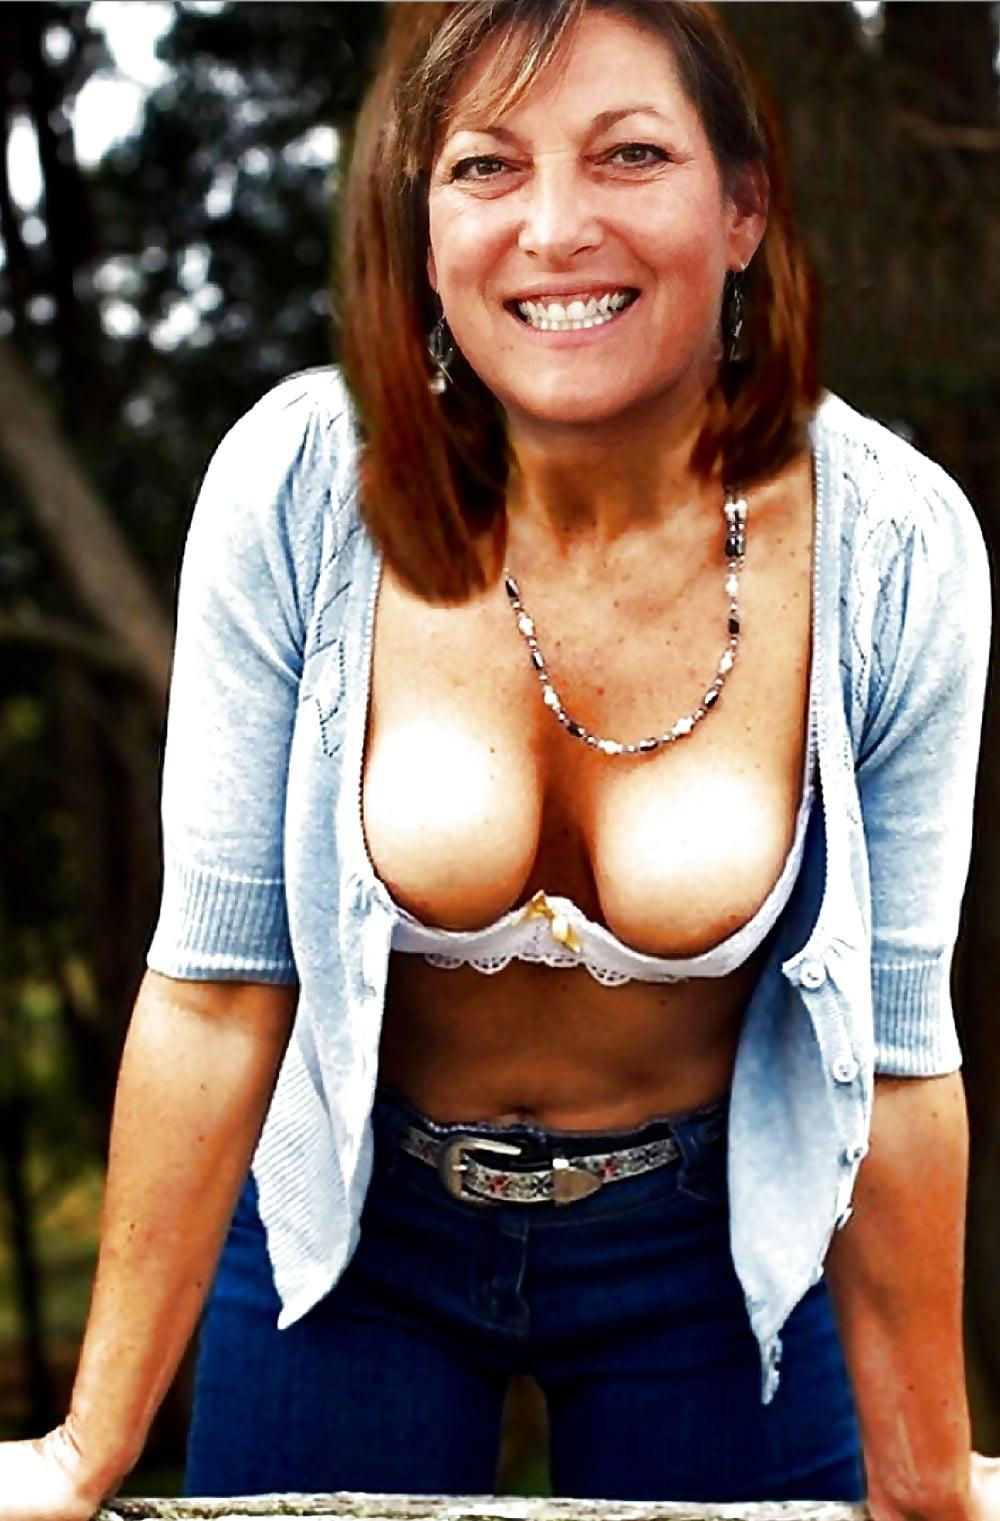 Patricia heaton fake boobs 6